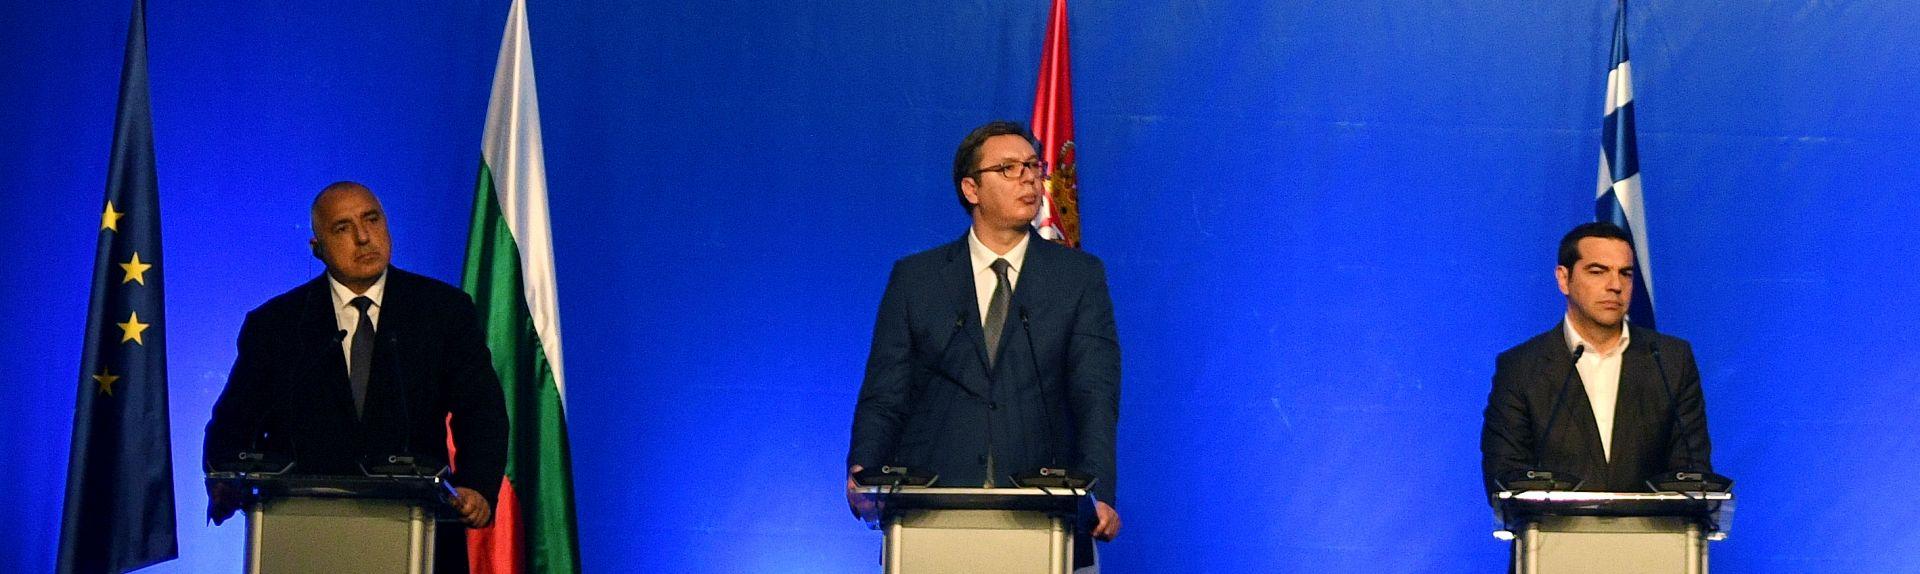 Rumunjska, Bugarska, Srbija i Grčka žele nogometni SP 2030.